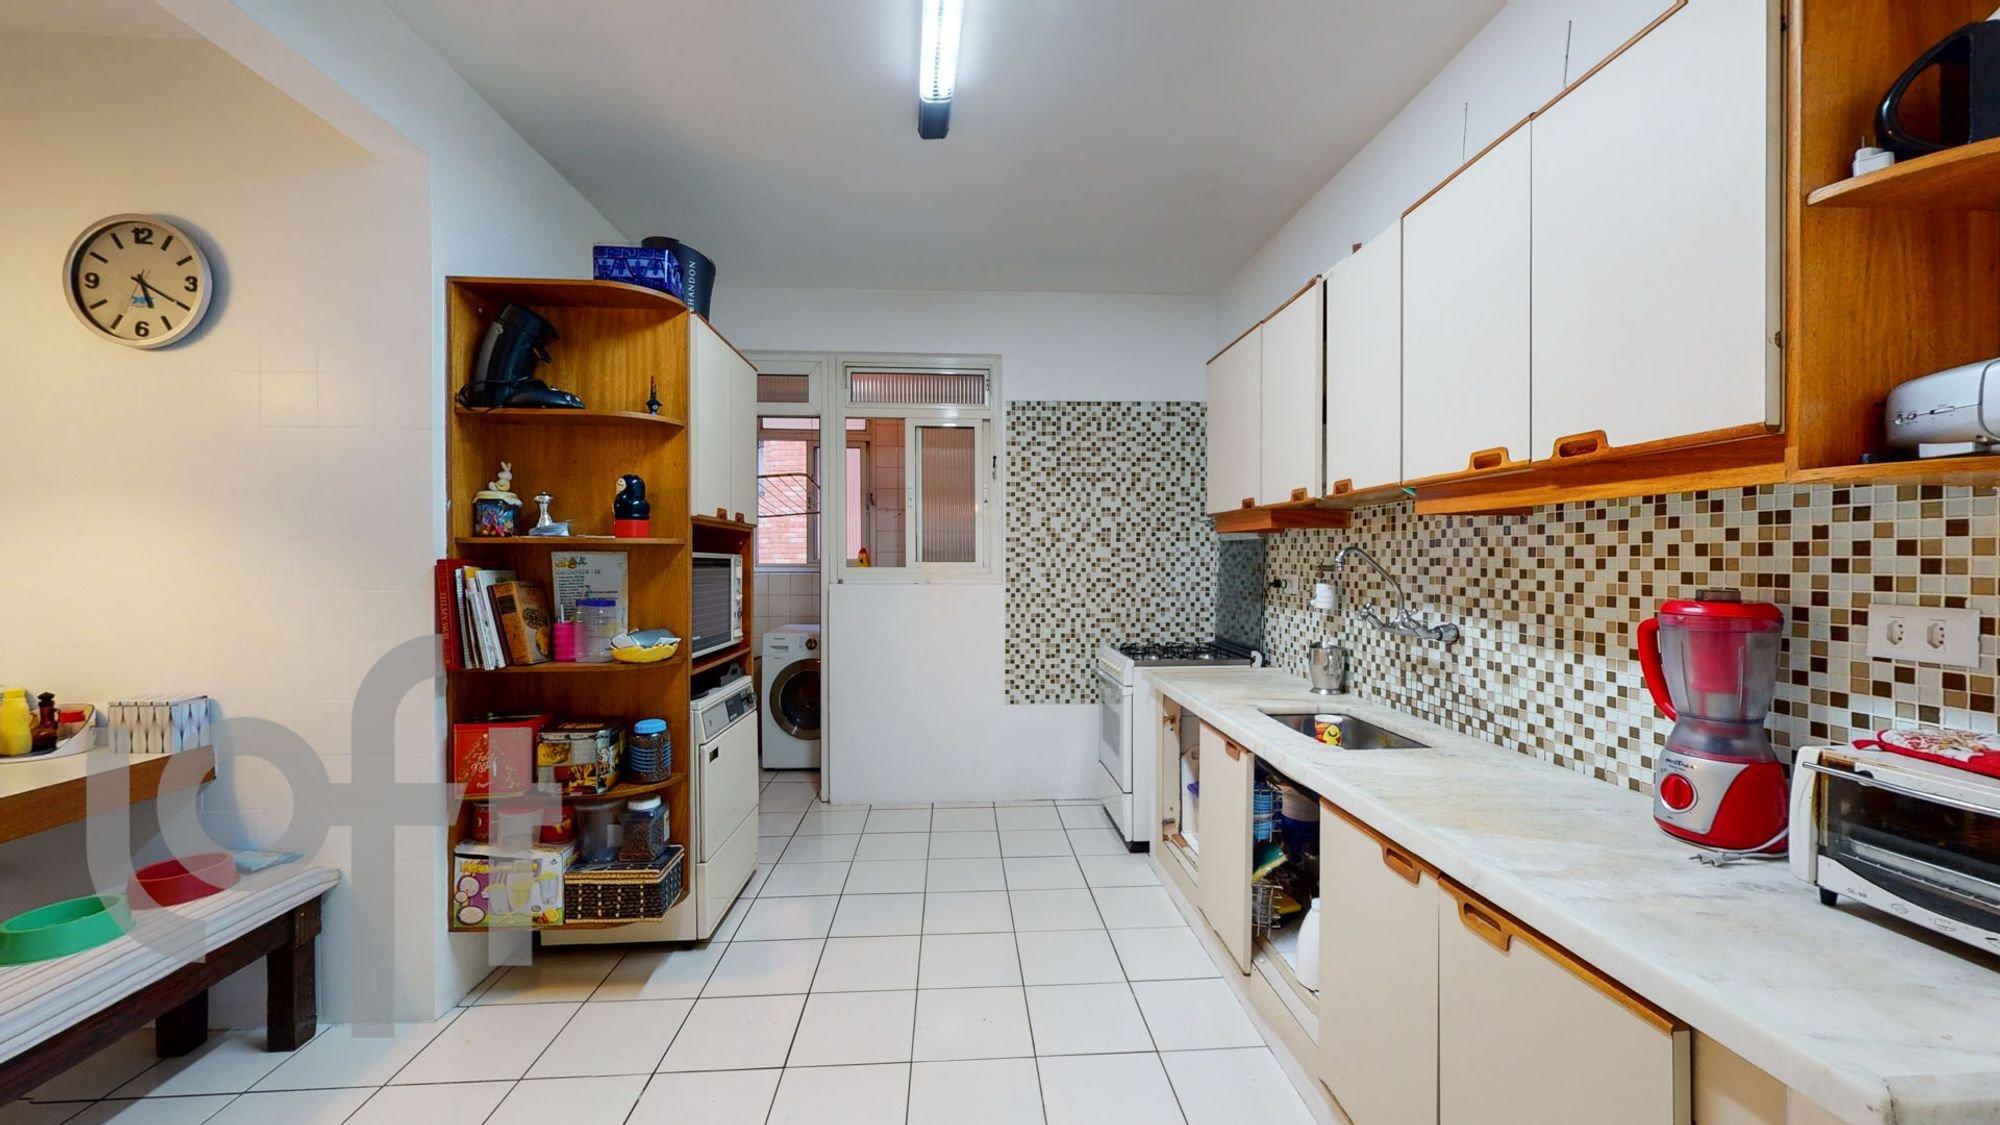 Foto de Cozinha com garrafa, relógio, pia, microondas, livro